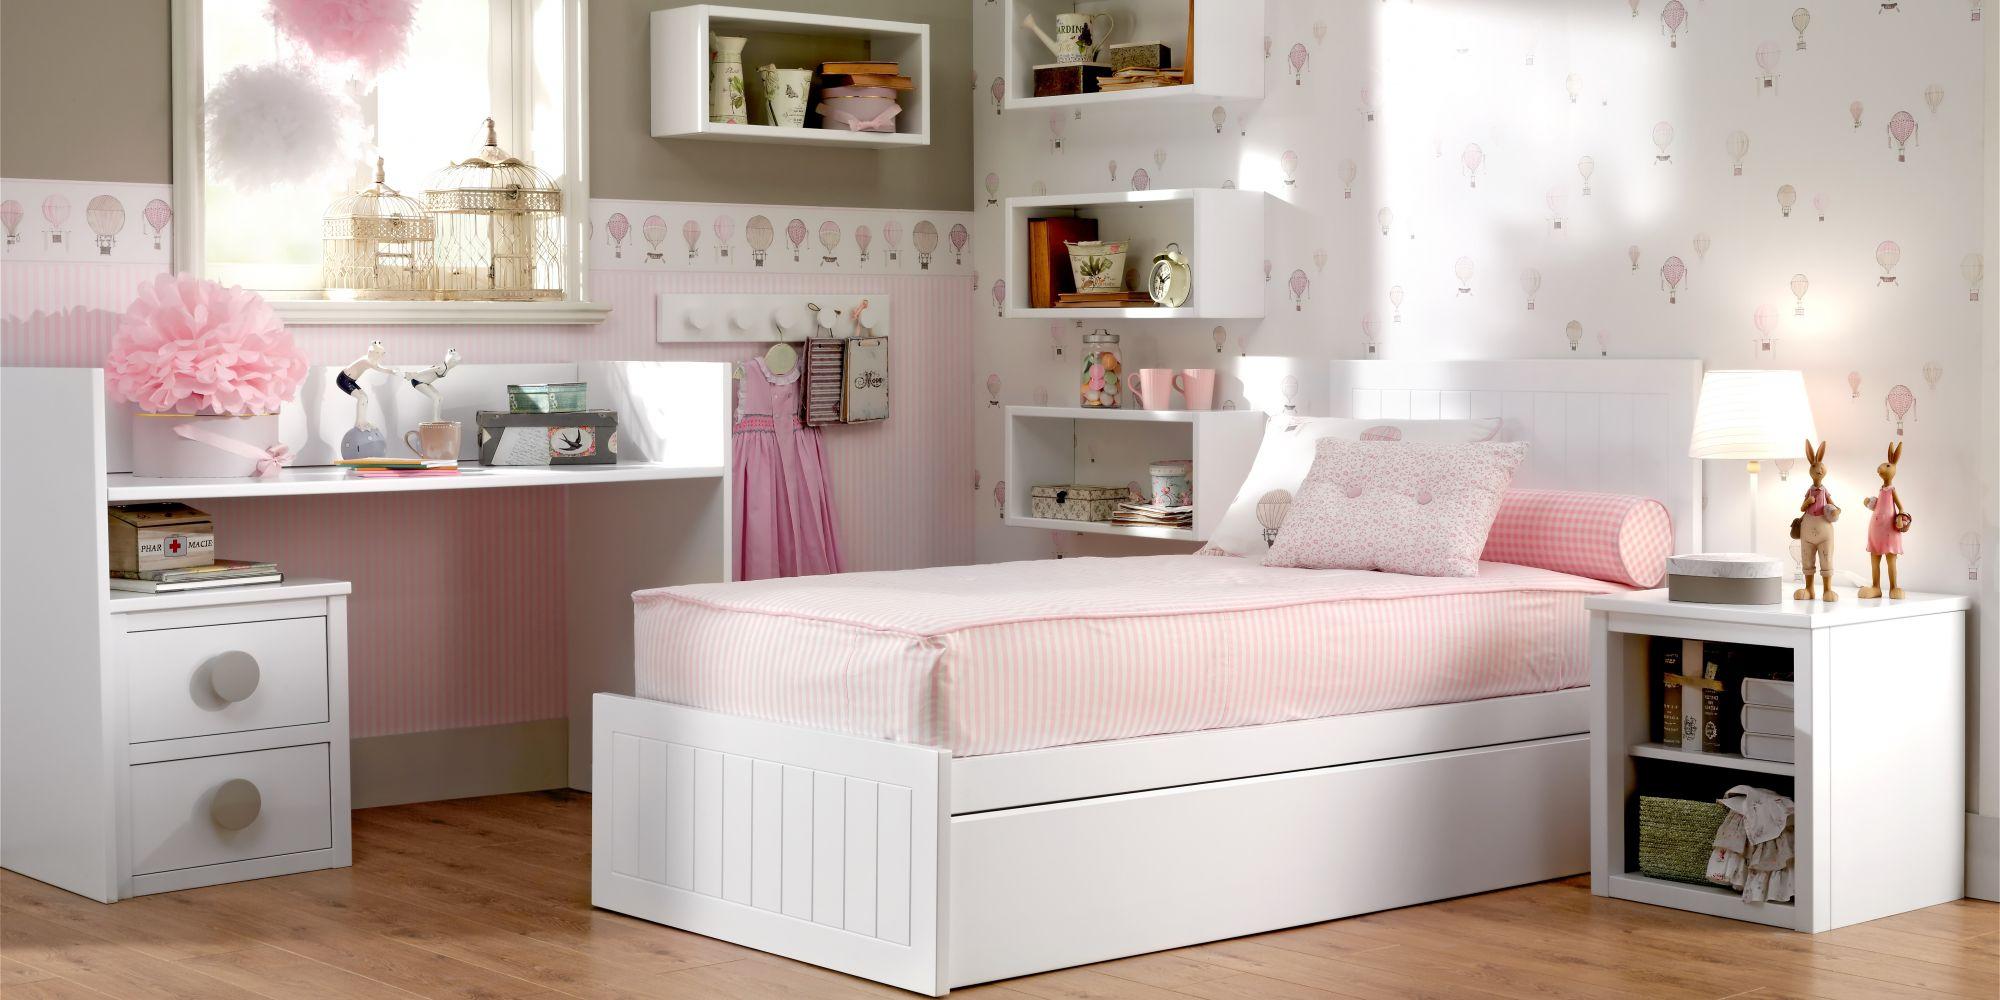 Convertible desmontado, que incluye zona de almacenaje, descanso y estudio en un mismo mueble | Mueble Infantil